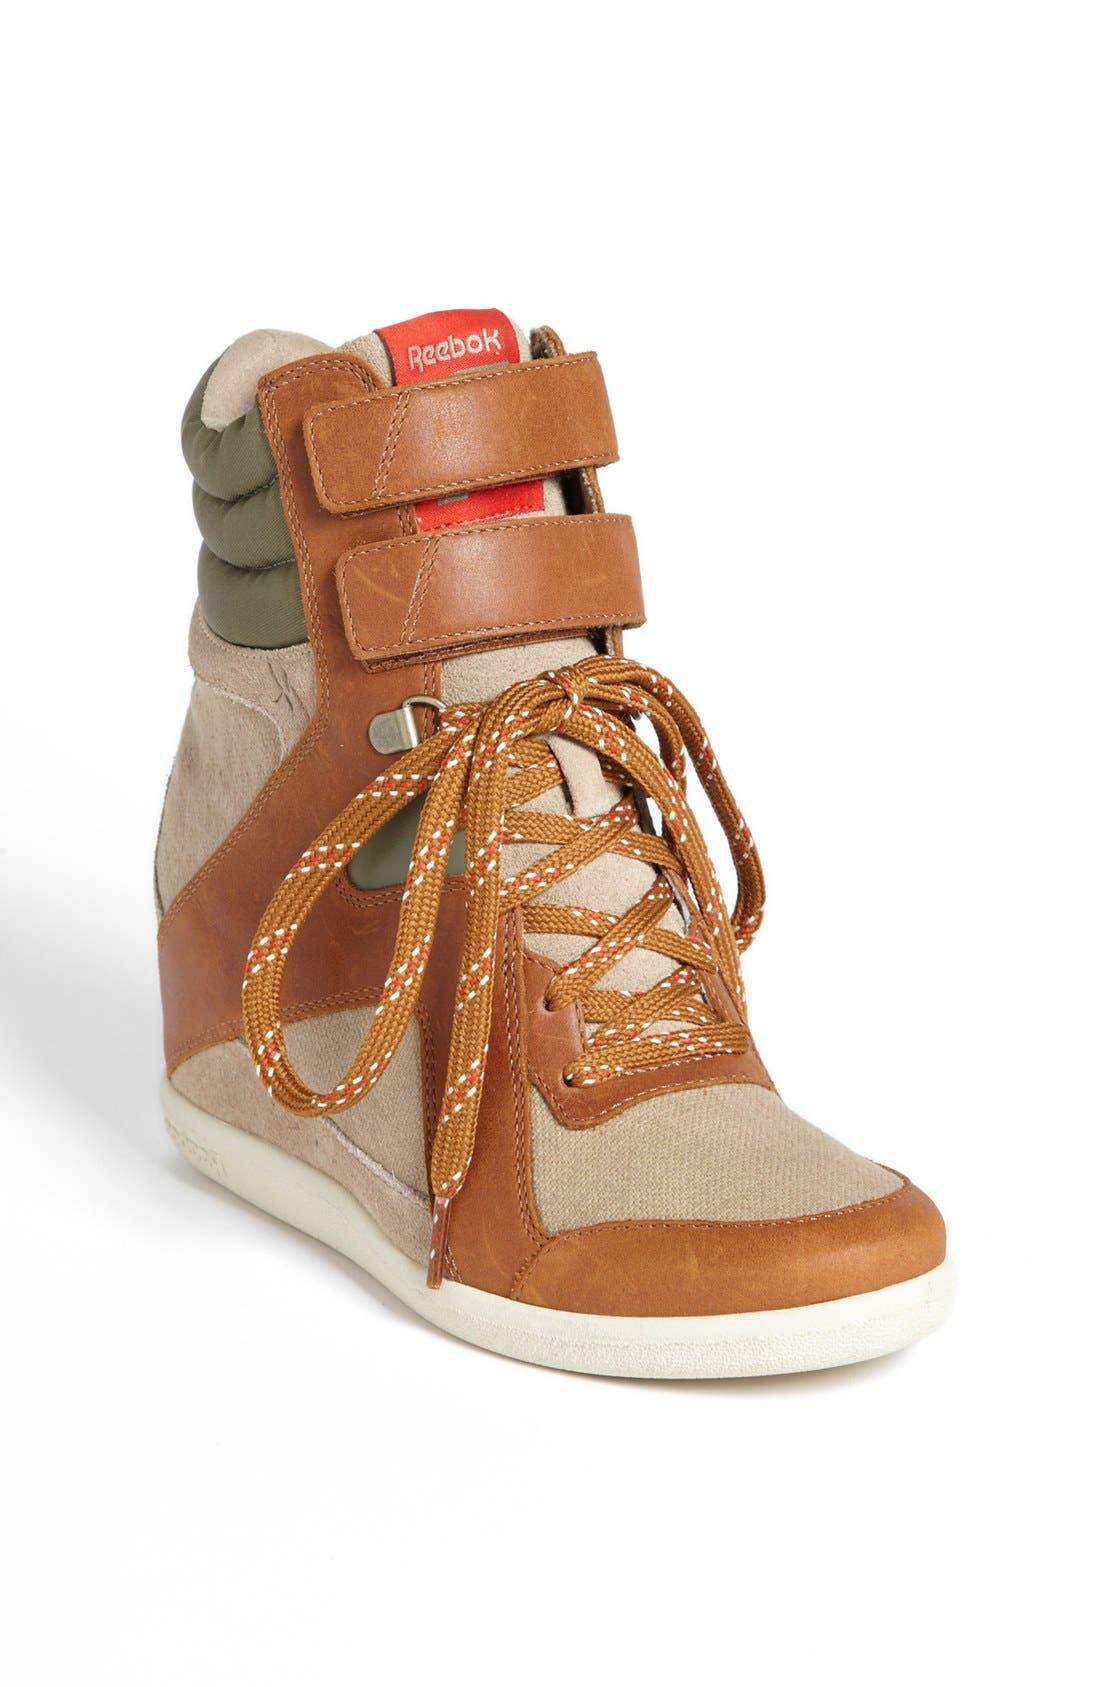 Main Image - Reebok 'Wedge A. Keys' Sneaker (Women)